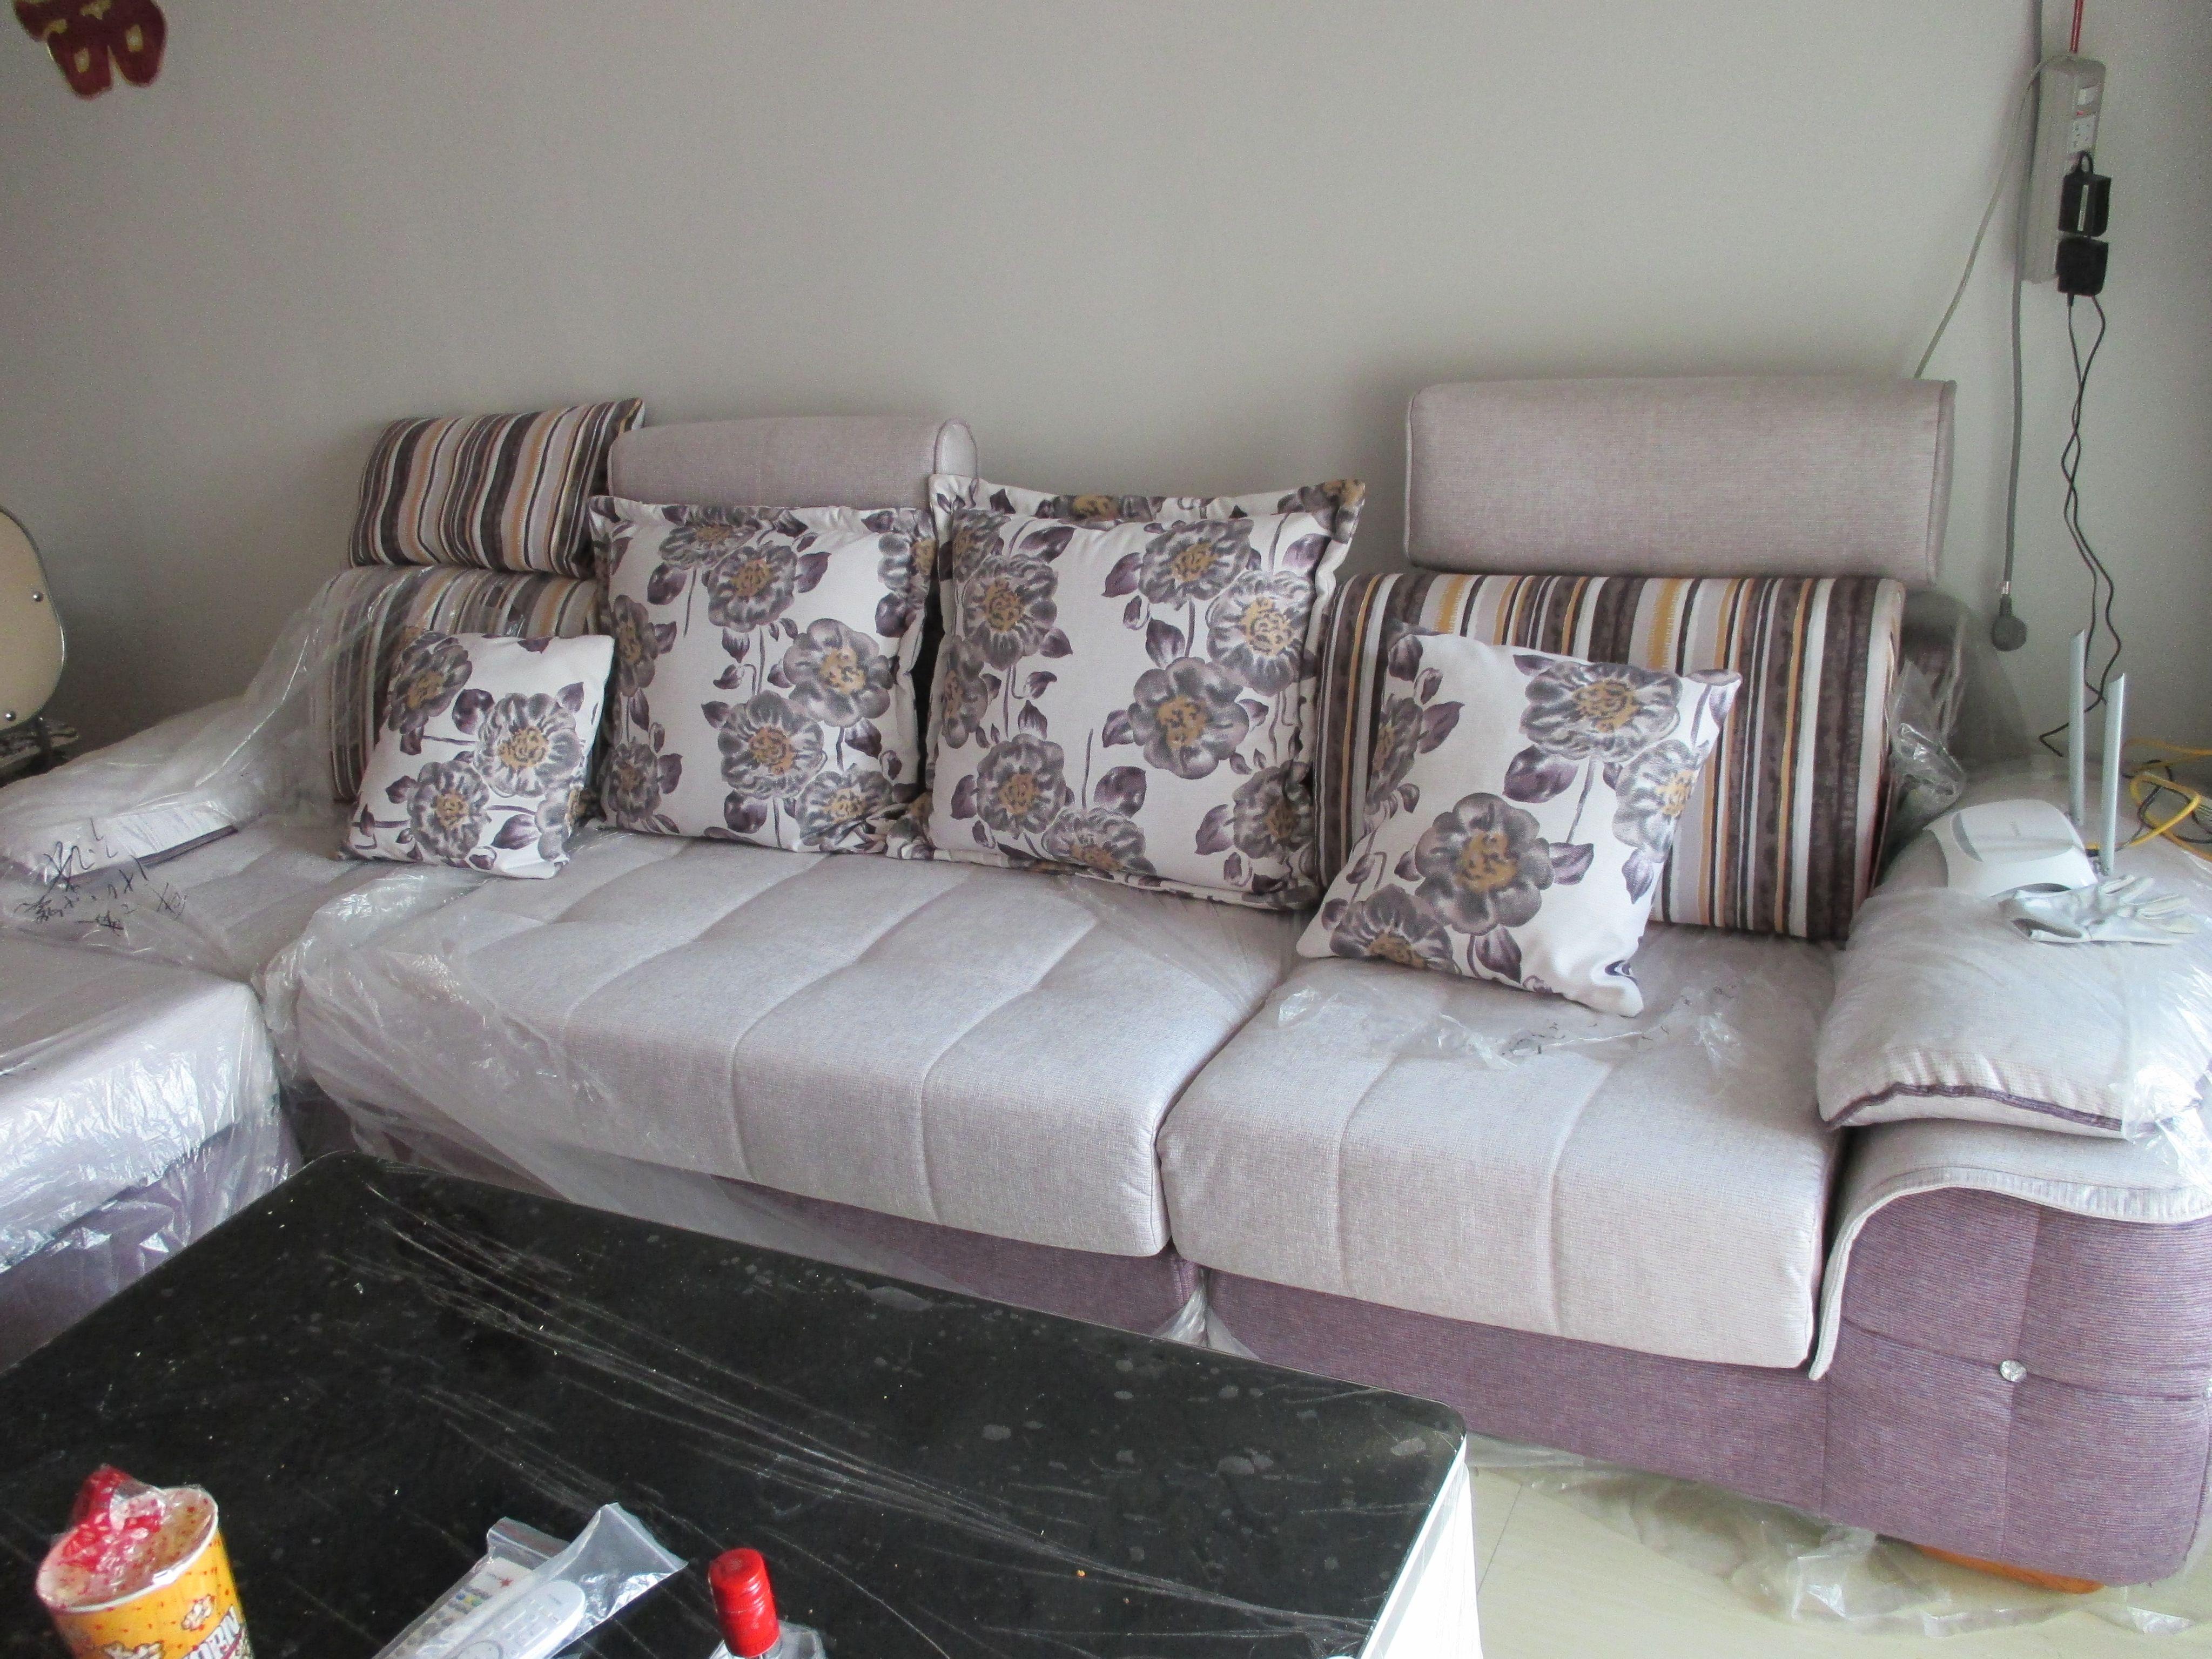 灰色沙发搭配沙发垫_我家沙发搭配什么颜色的沙发垫好看?附图_百度知道